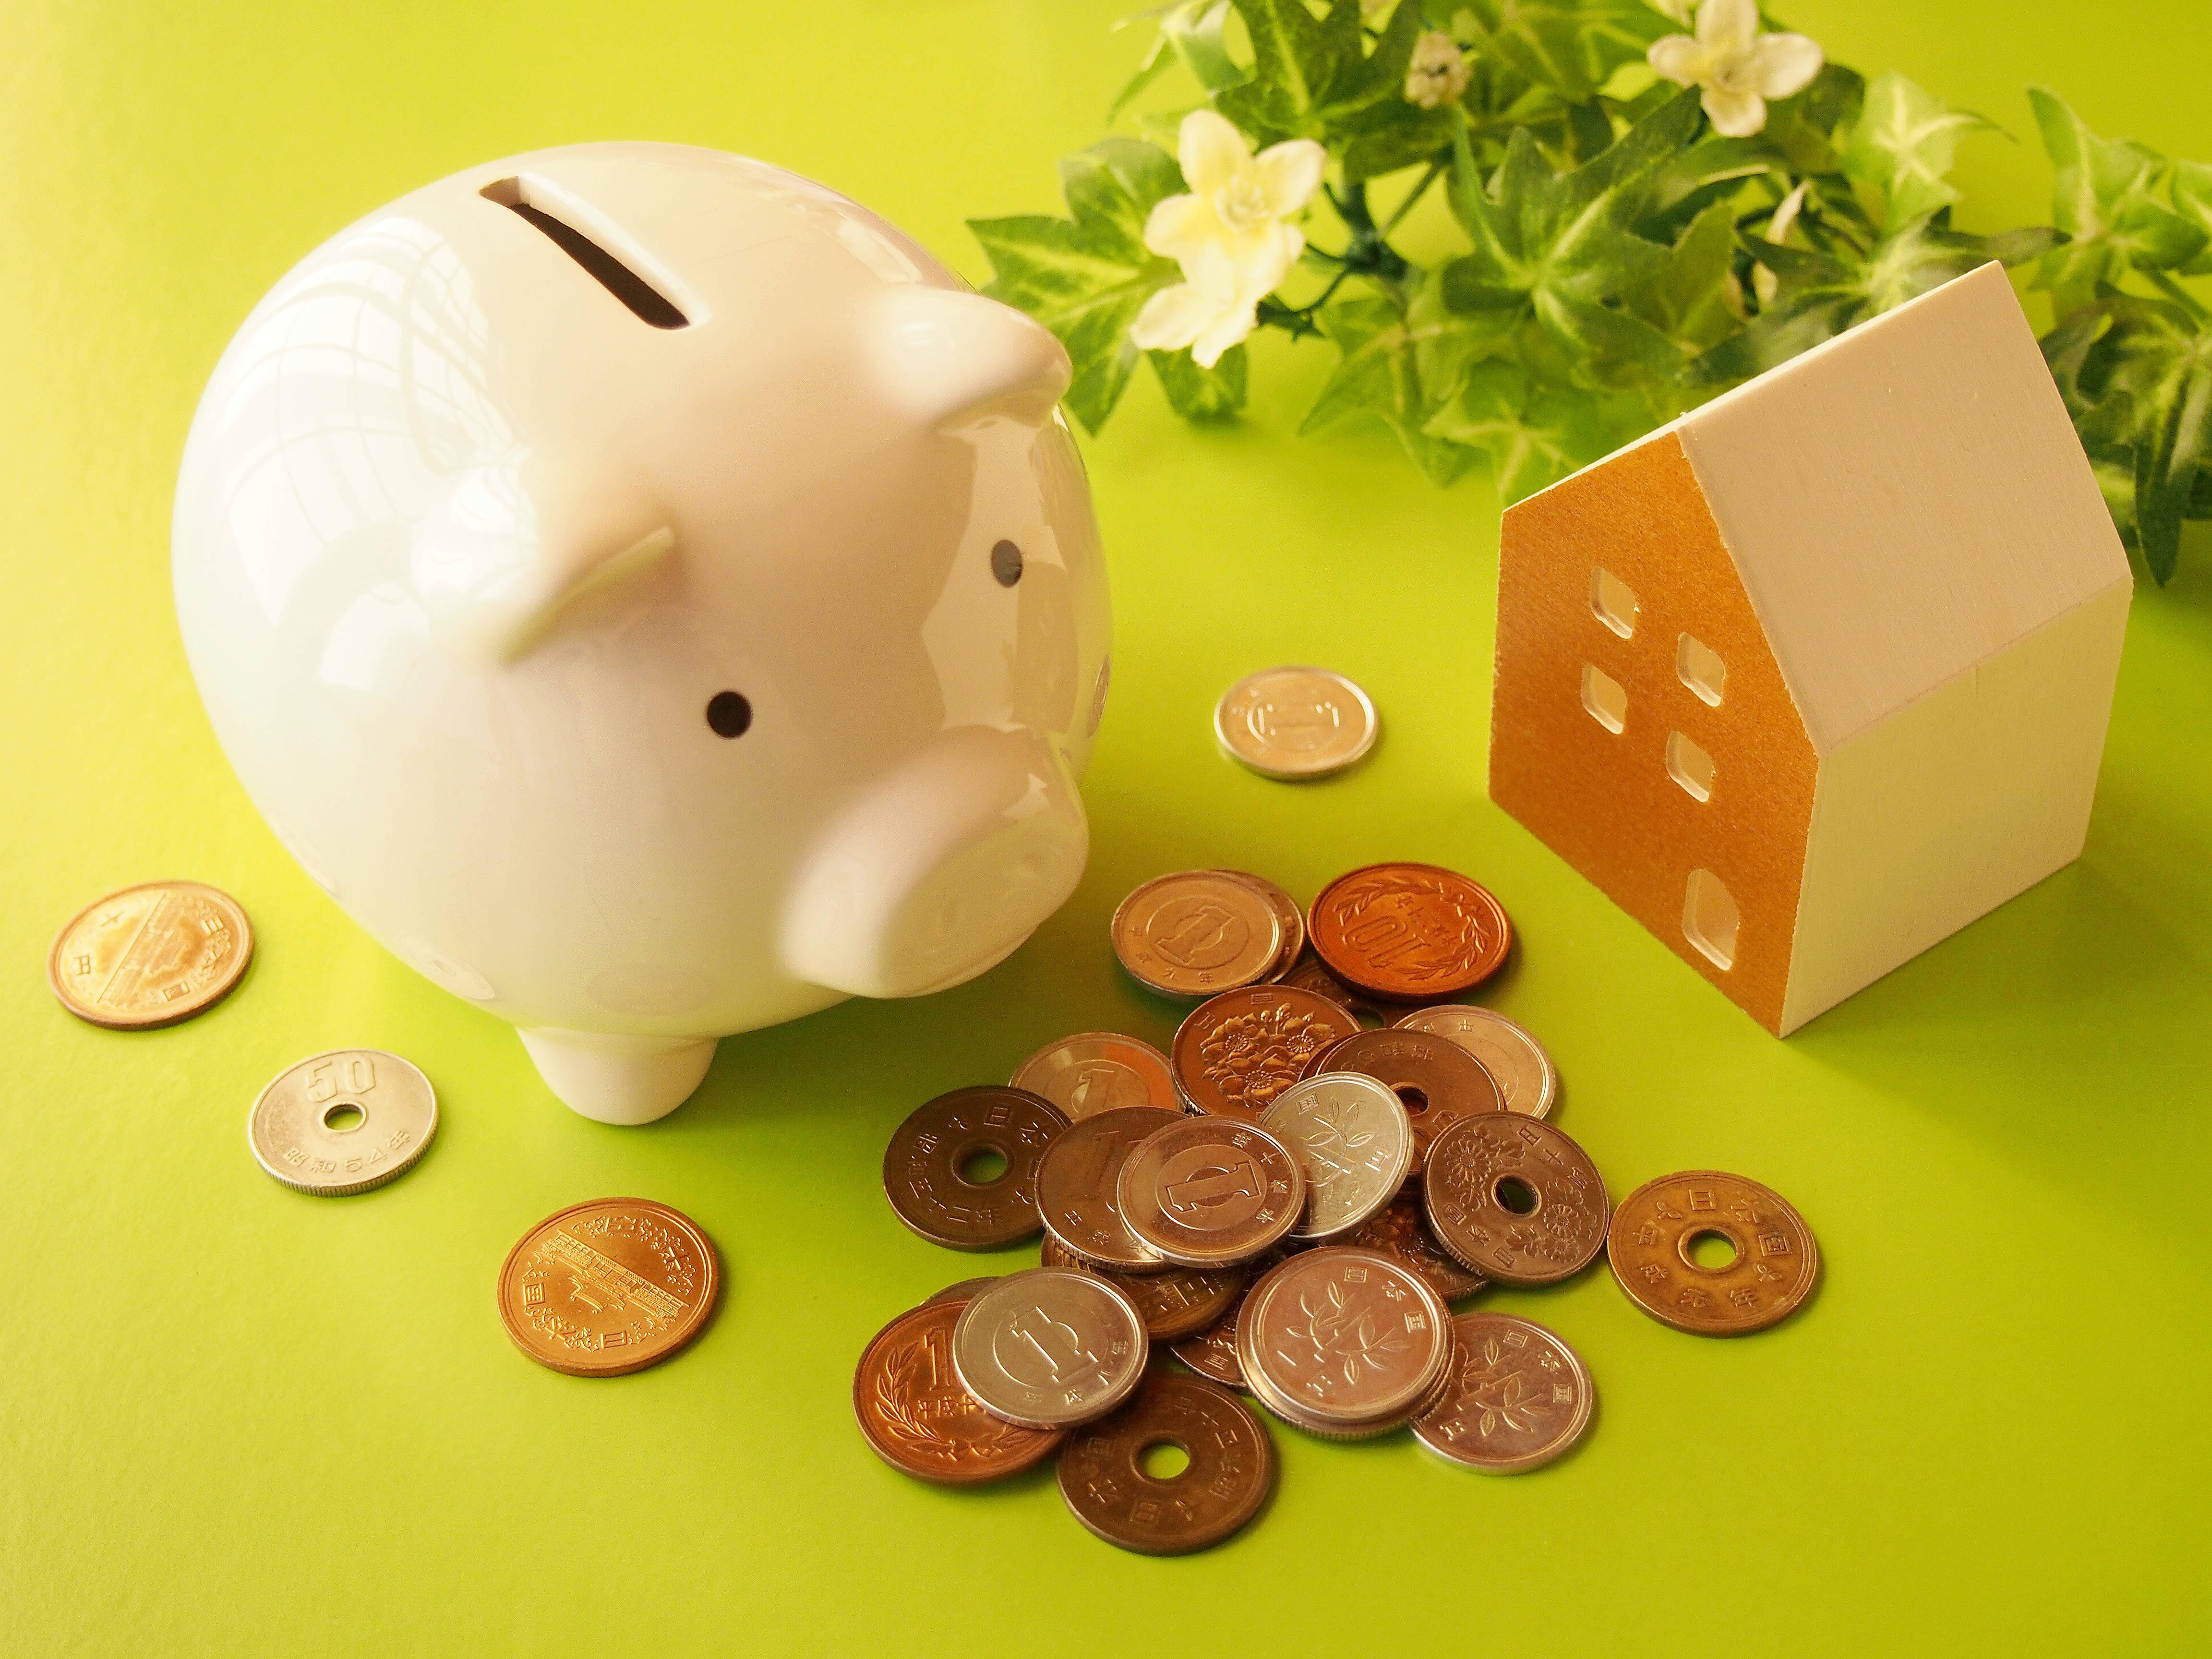 貯金箱のおすすめ3選&選び方【貯まる!おしゃれ・おもしろ系も】